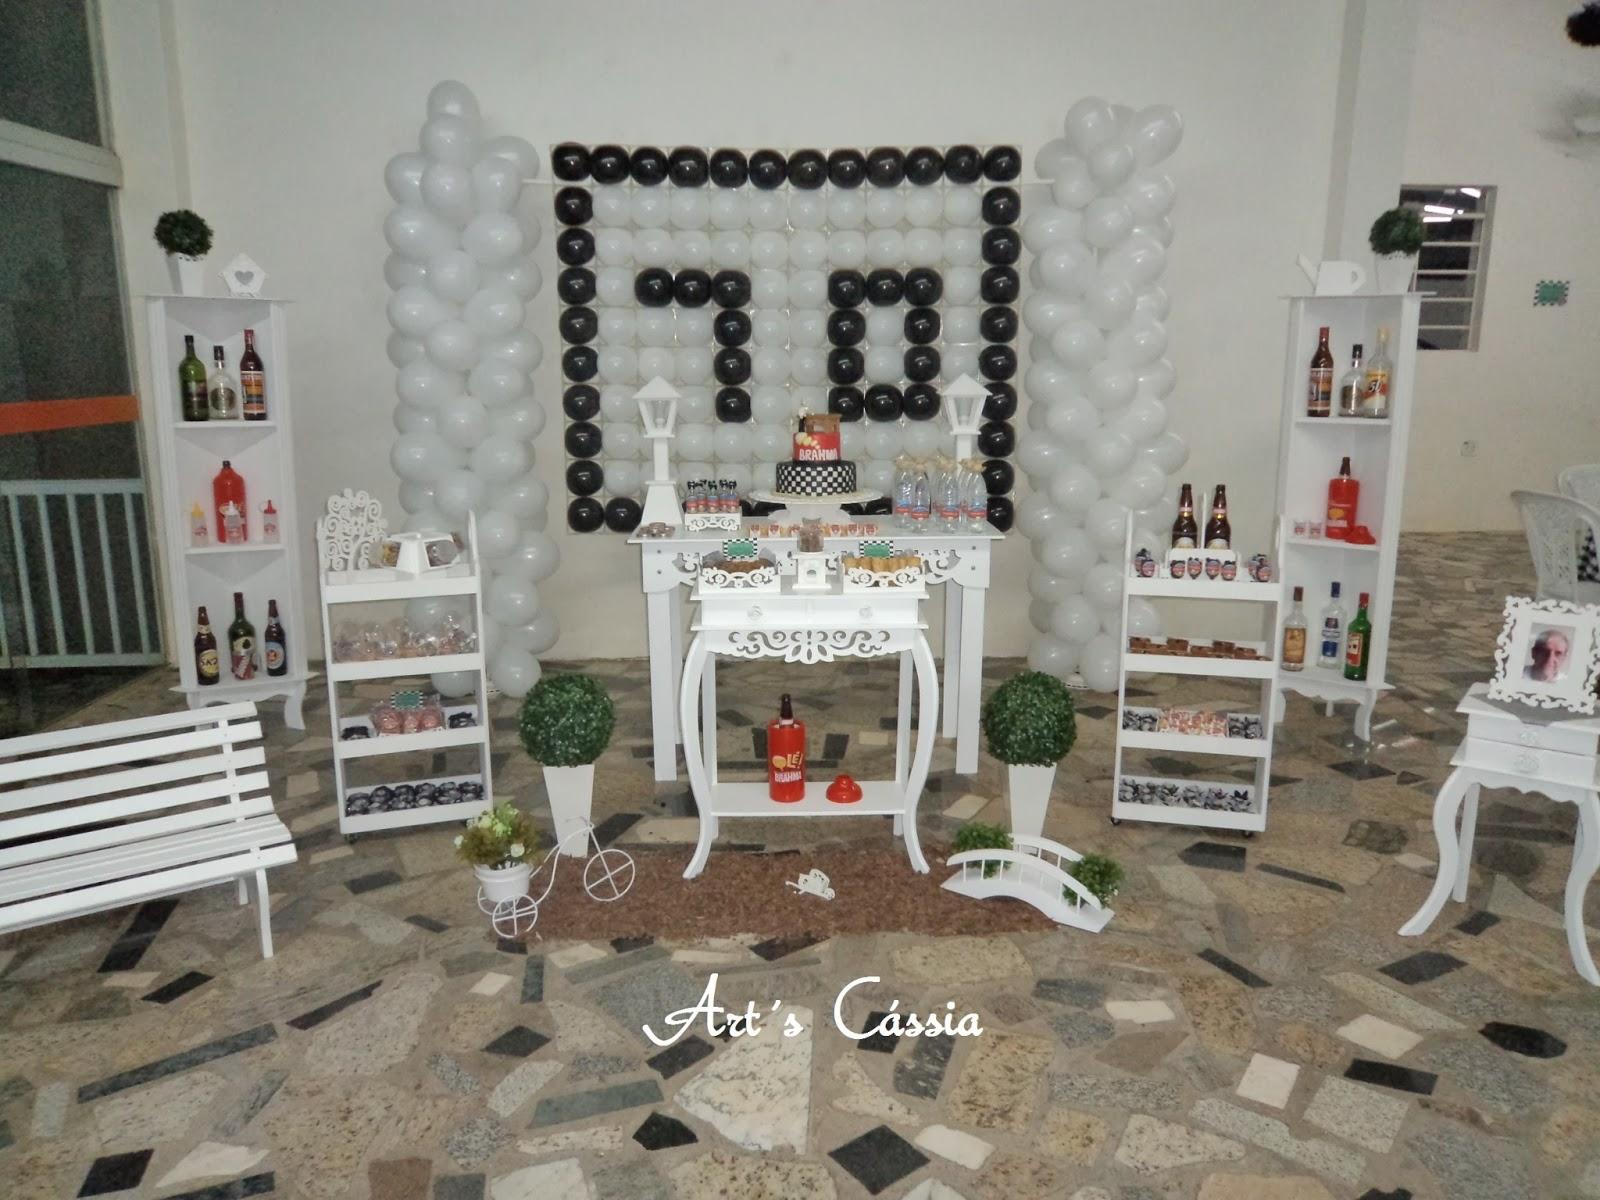 decoracao boteco brahma : decoracao boteco brahma:Art's Cássia : Decoração Provençal Boteco